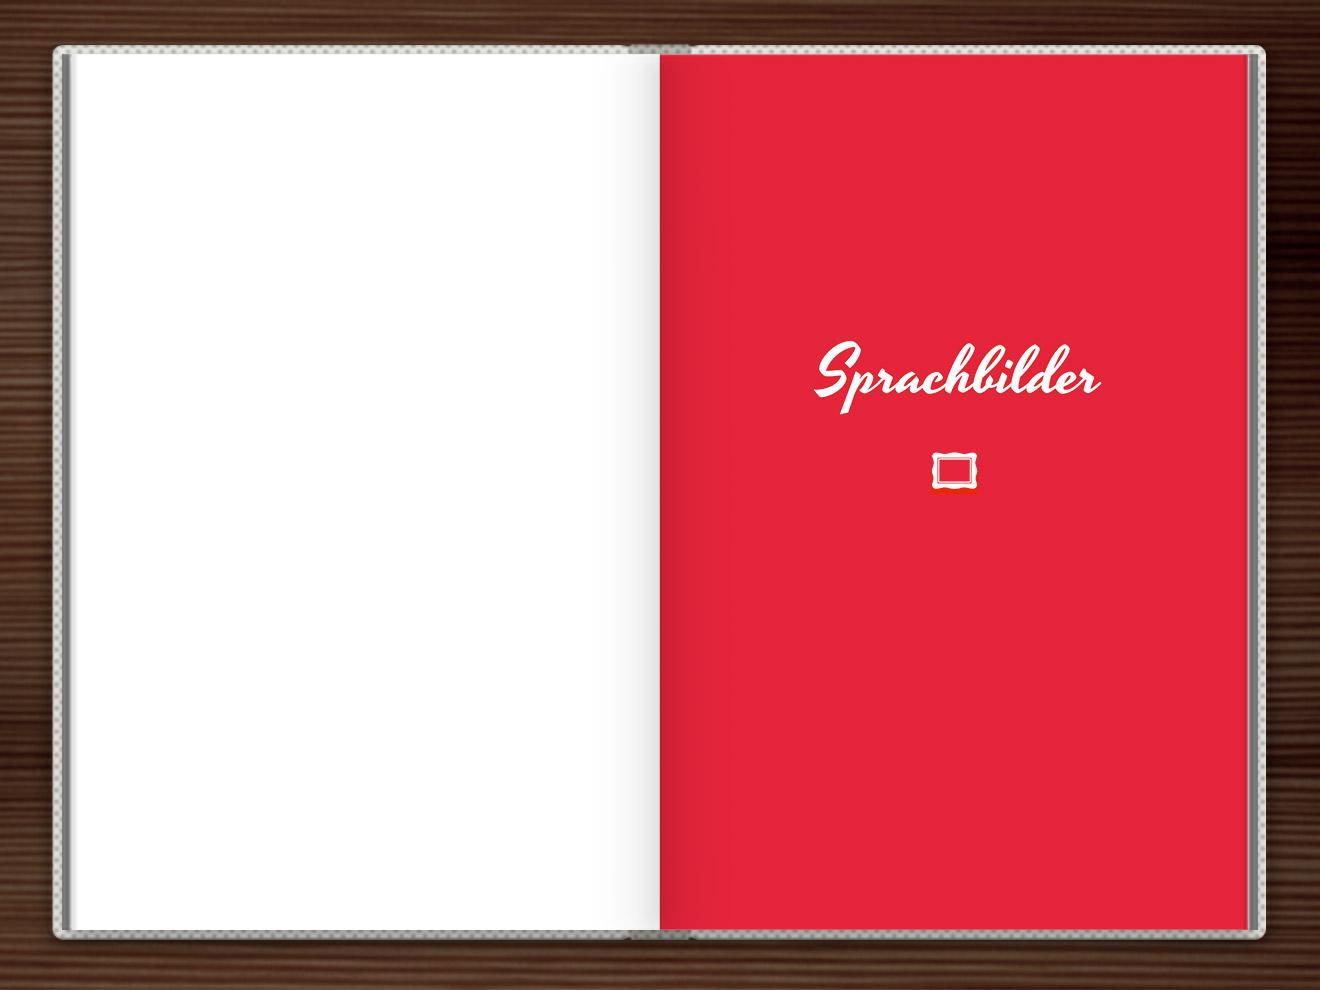 Sprachbilder im Buch Du hast das Wort, Schätzchen! 100 charmante Geschichten rund um die Sprache im Duden Verlag von Rita Mielke mit Illustrationen im Sixties-Stil von Iris Luckhaus